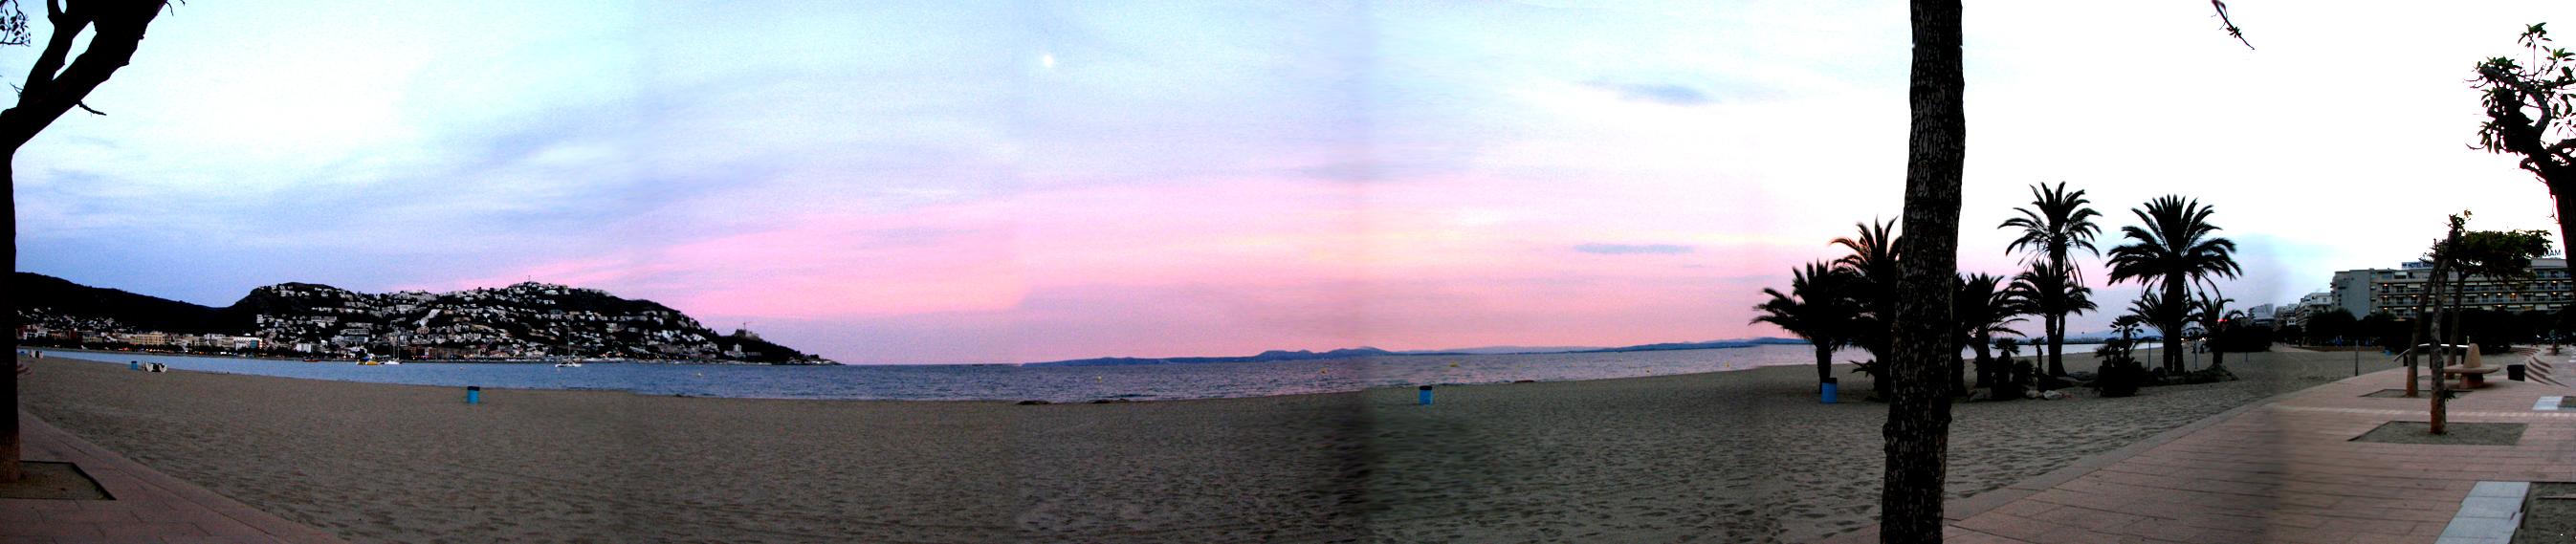 Foto playa Santa Margarida. Atardecer en panorámica. Roses, Gerona.